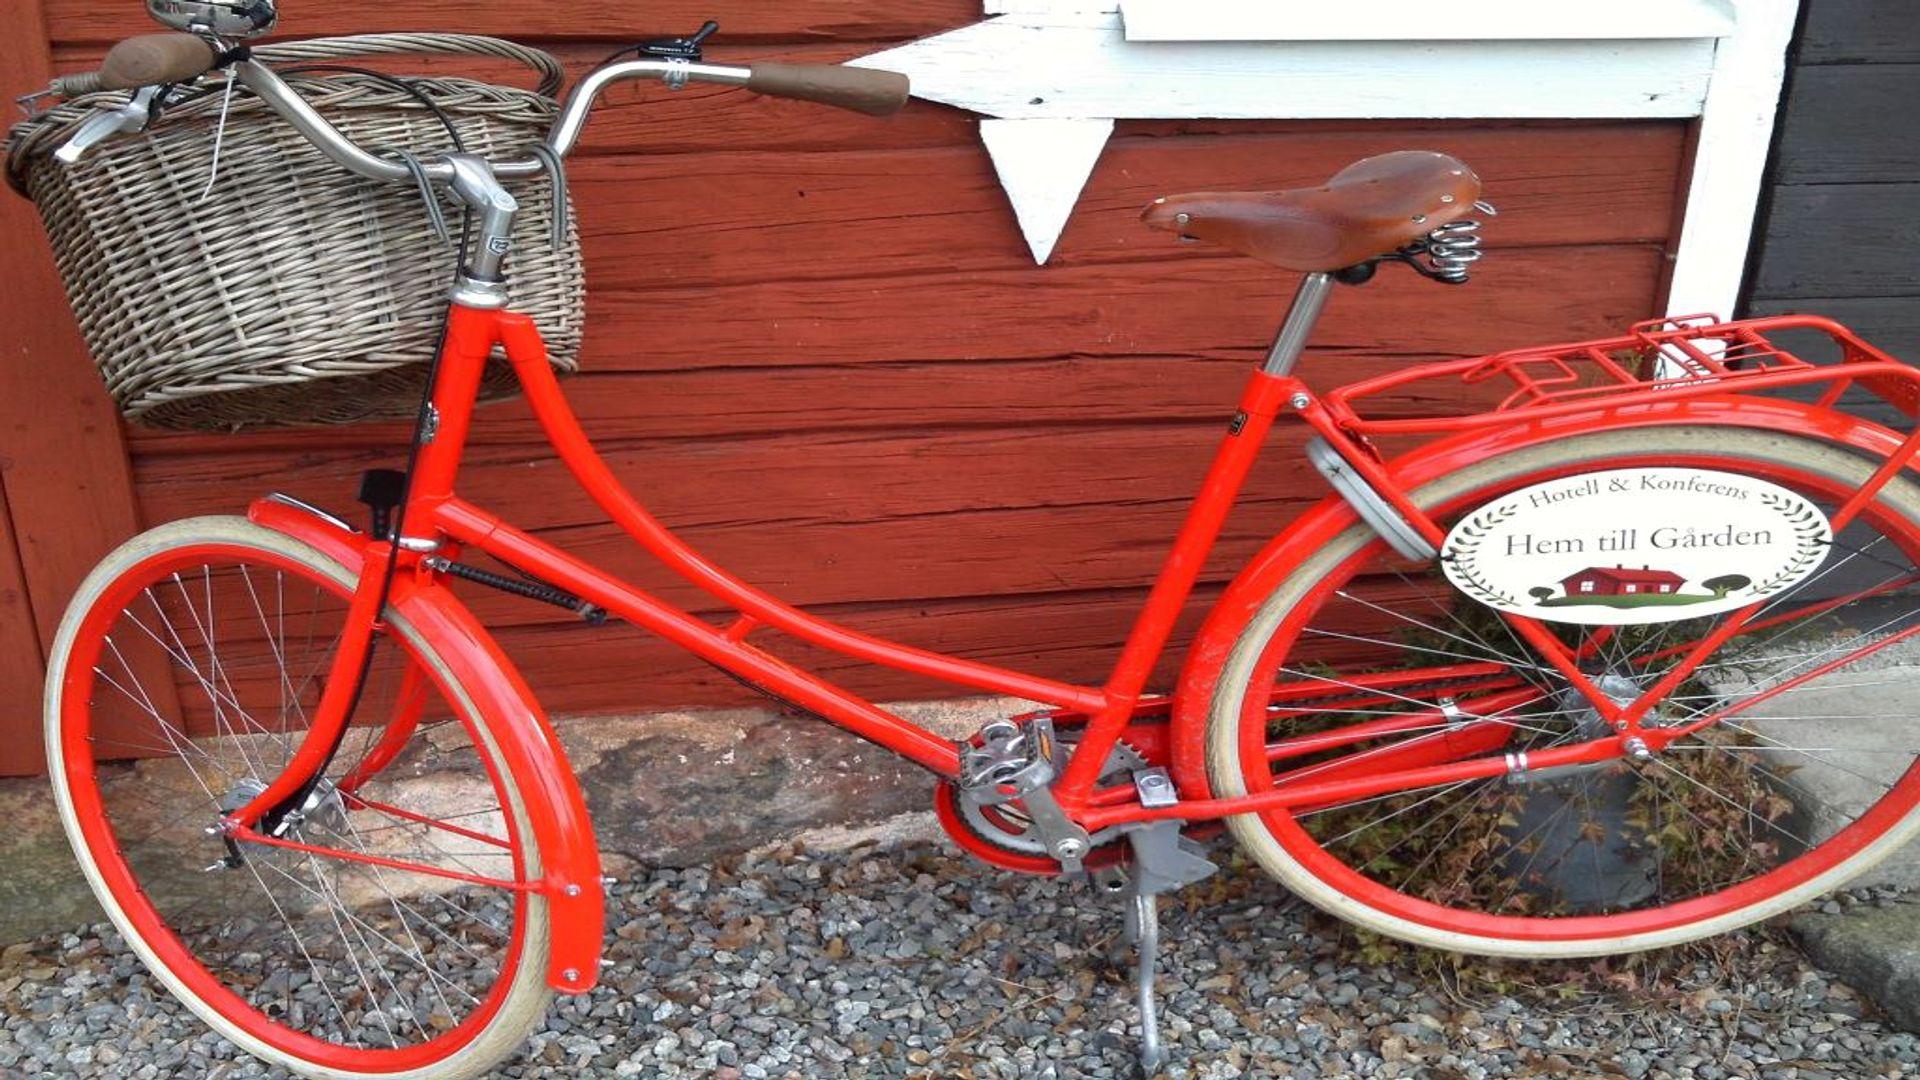 Cykel på hem till gården. Fotograf: Pressbild